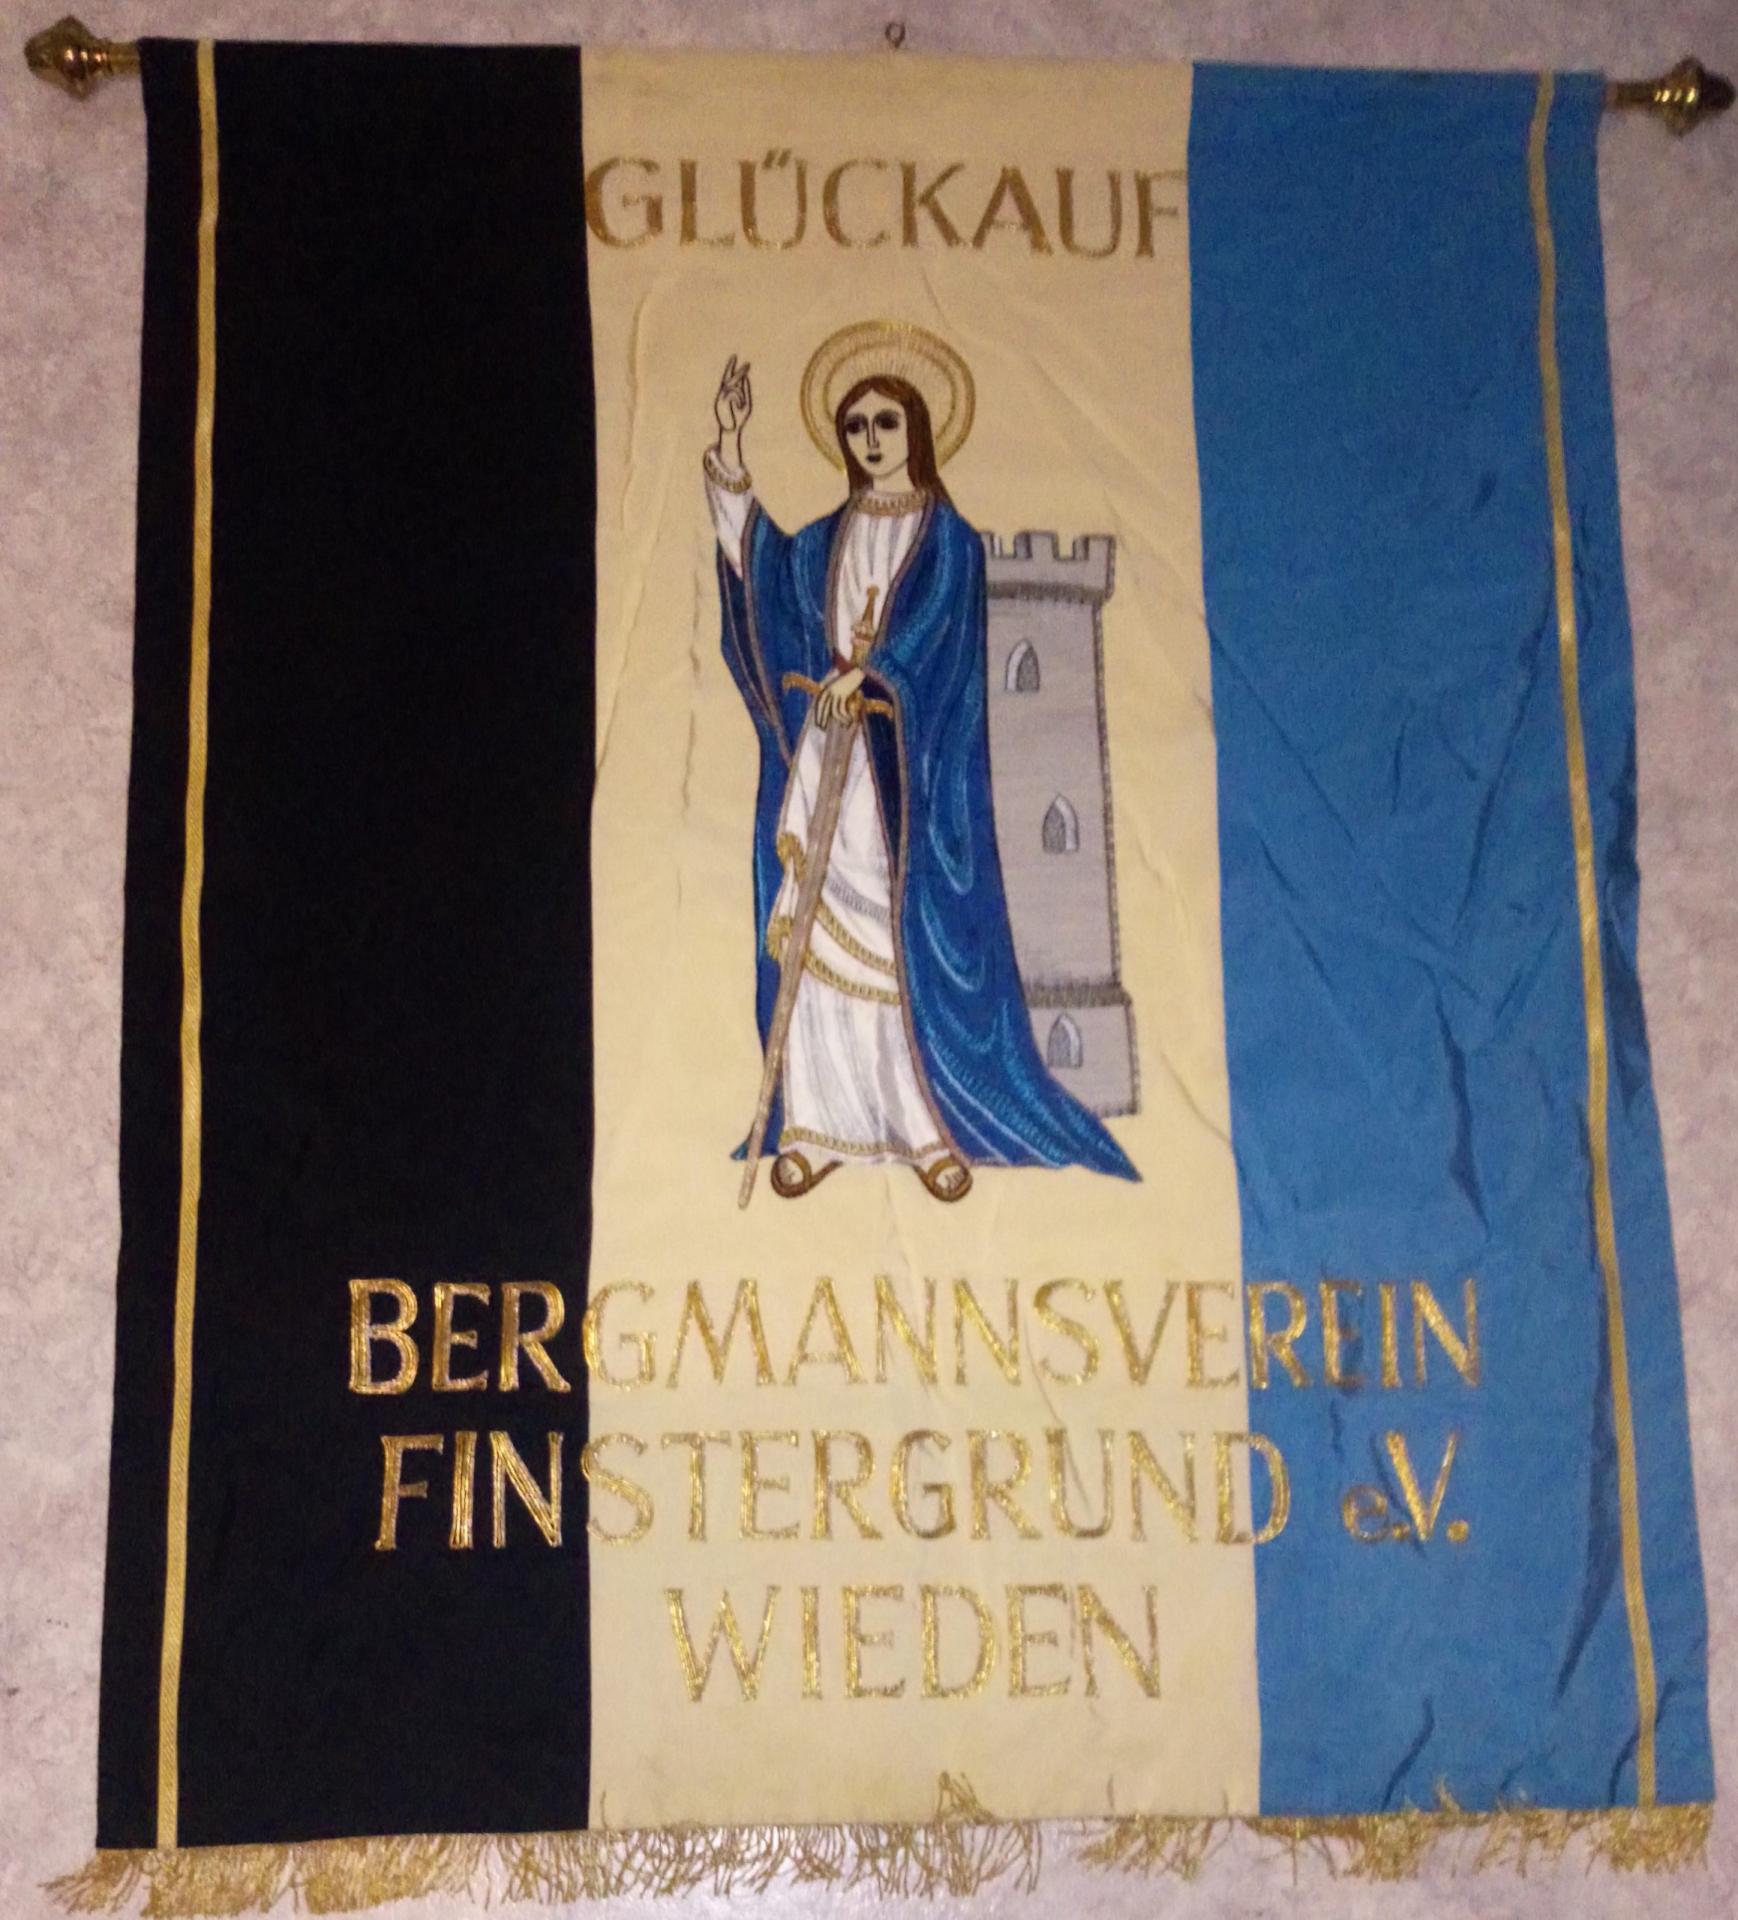 Vereinsfahne Bergmannsverein Finstergrund Wieden e.V.